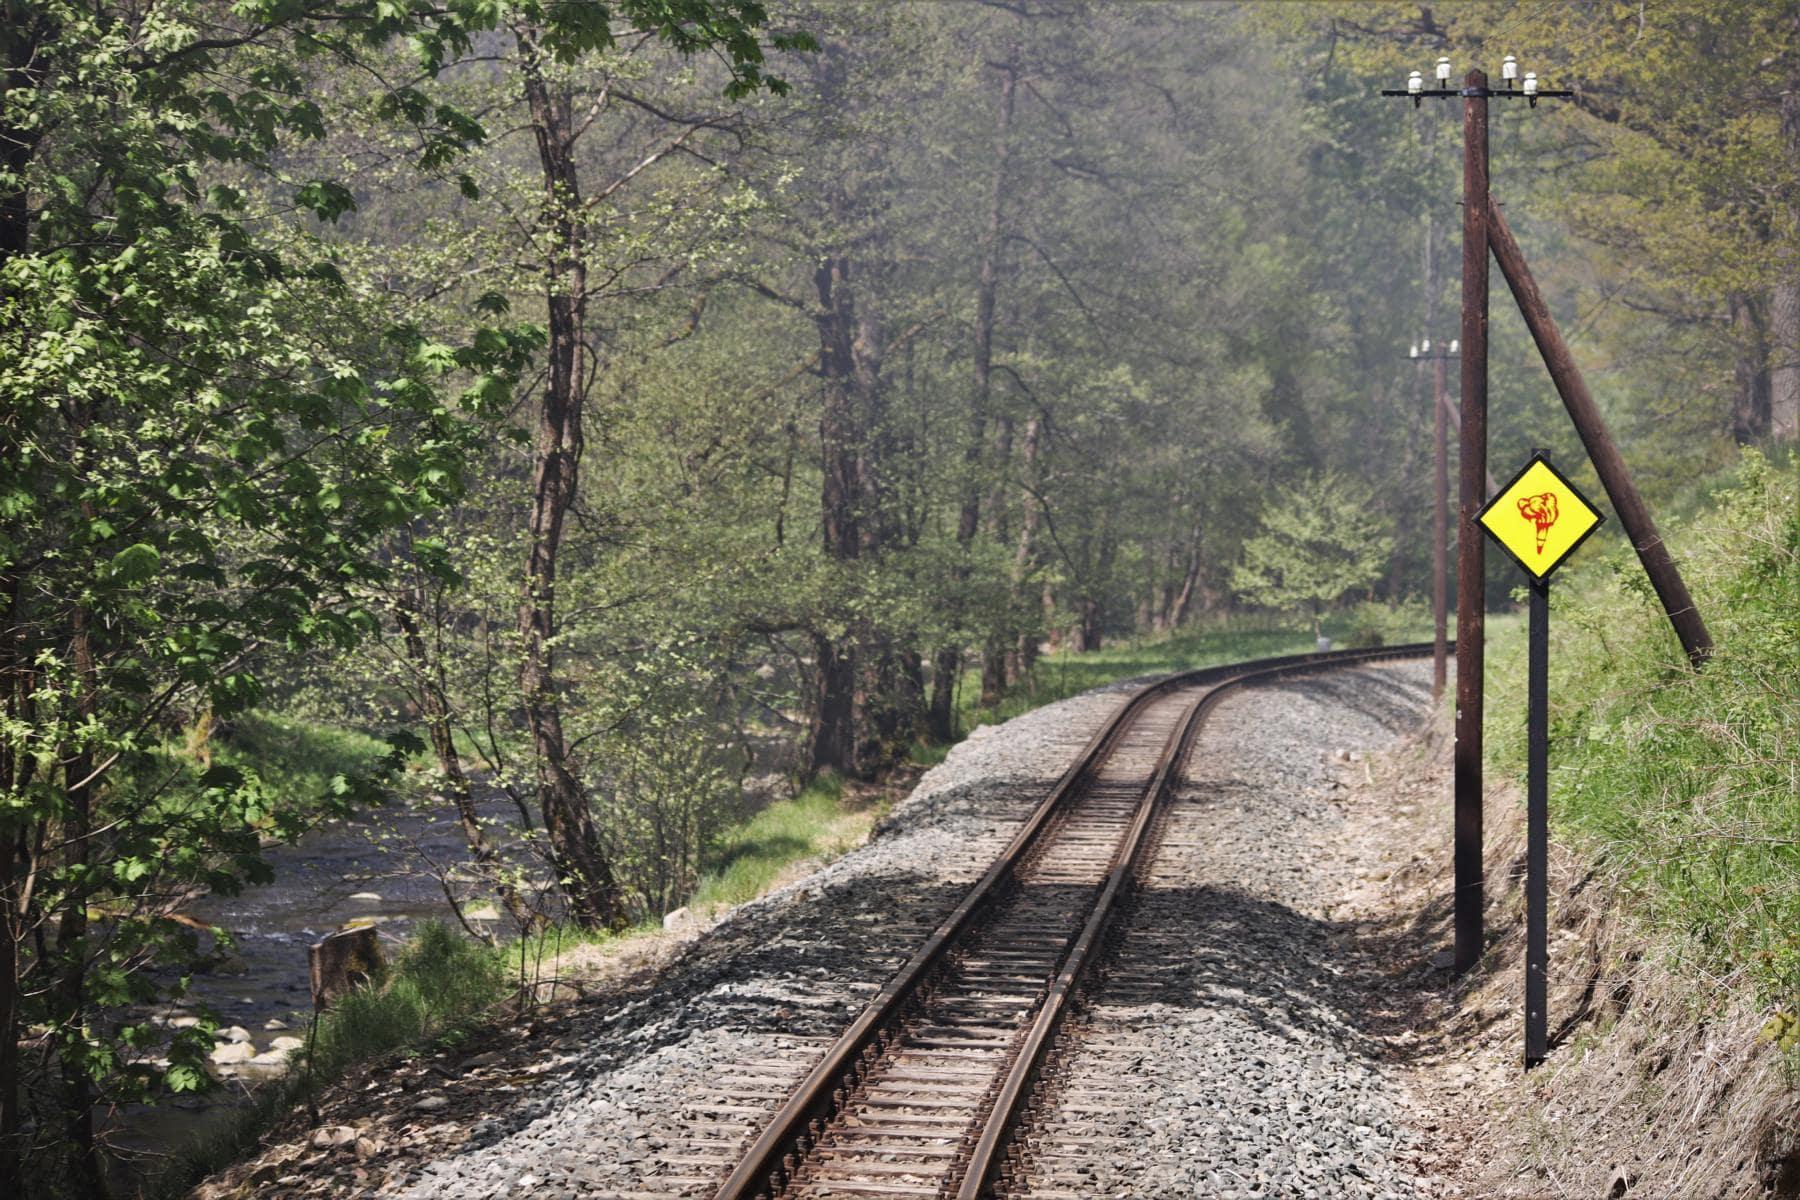 ©Foto: Christian Wodzinski | railmen | Nicht feuern! Aschkasten schließen! – fordert die Brandfackeltafel das Lokomotivpersonal auf.